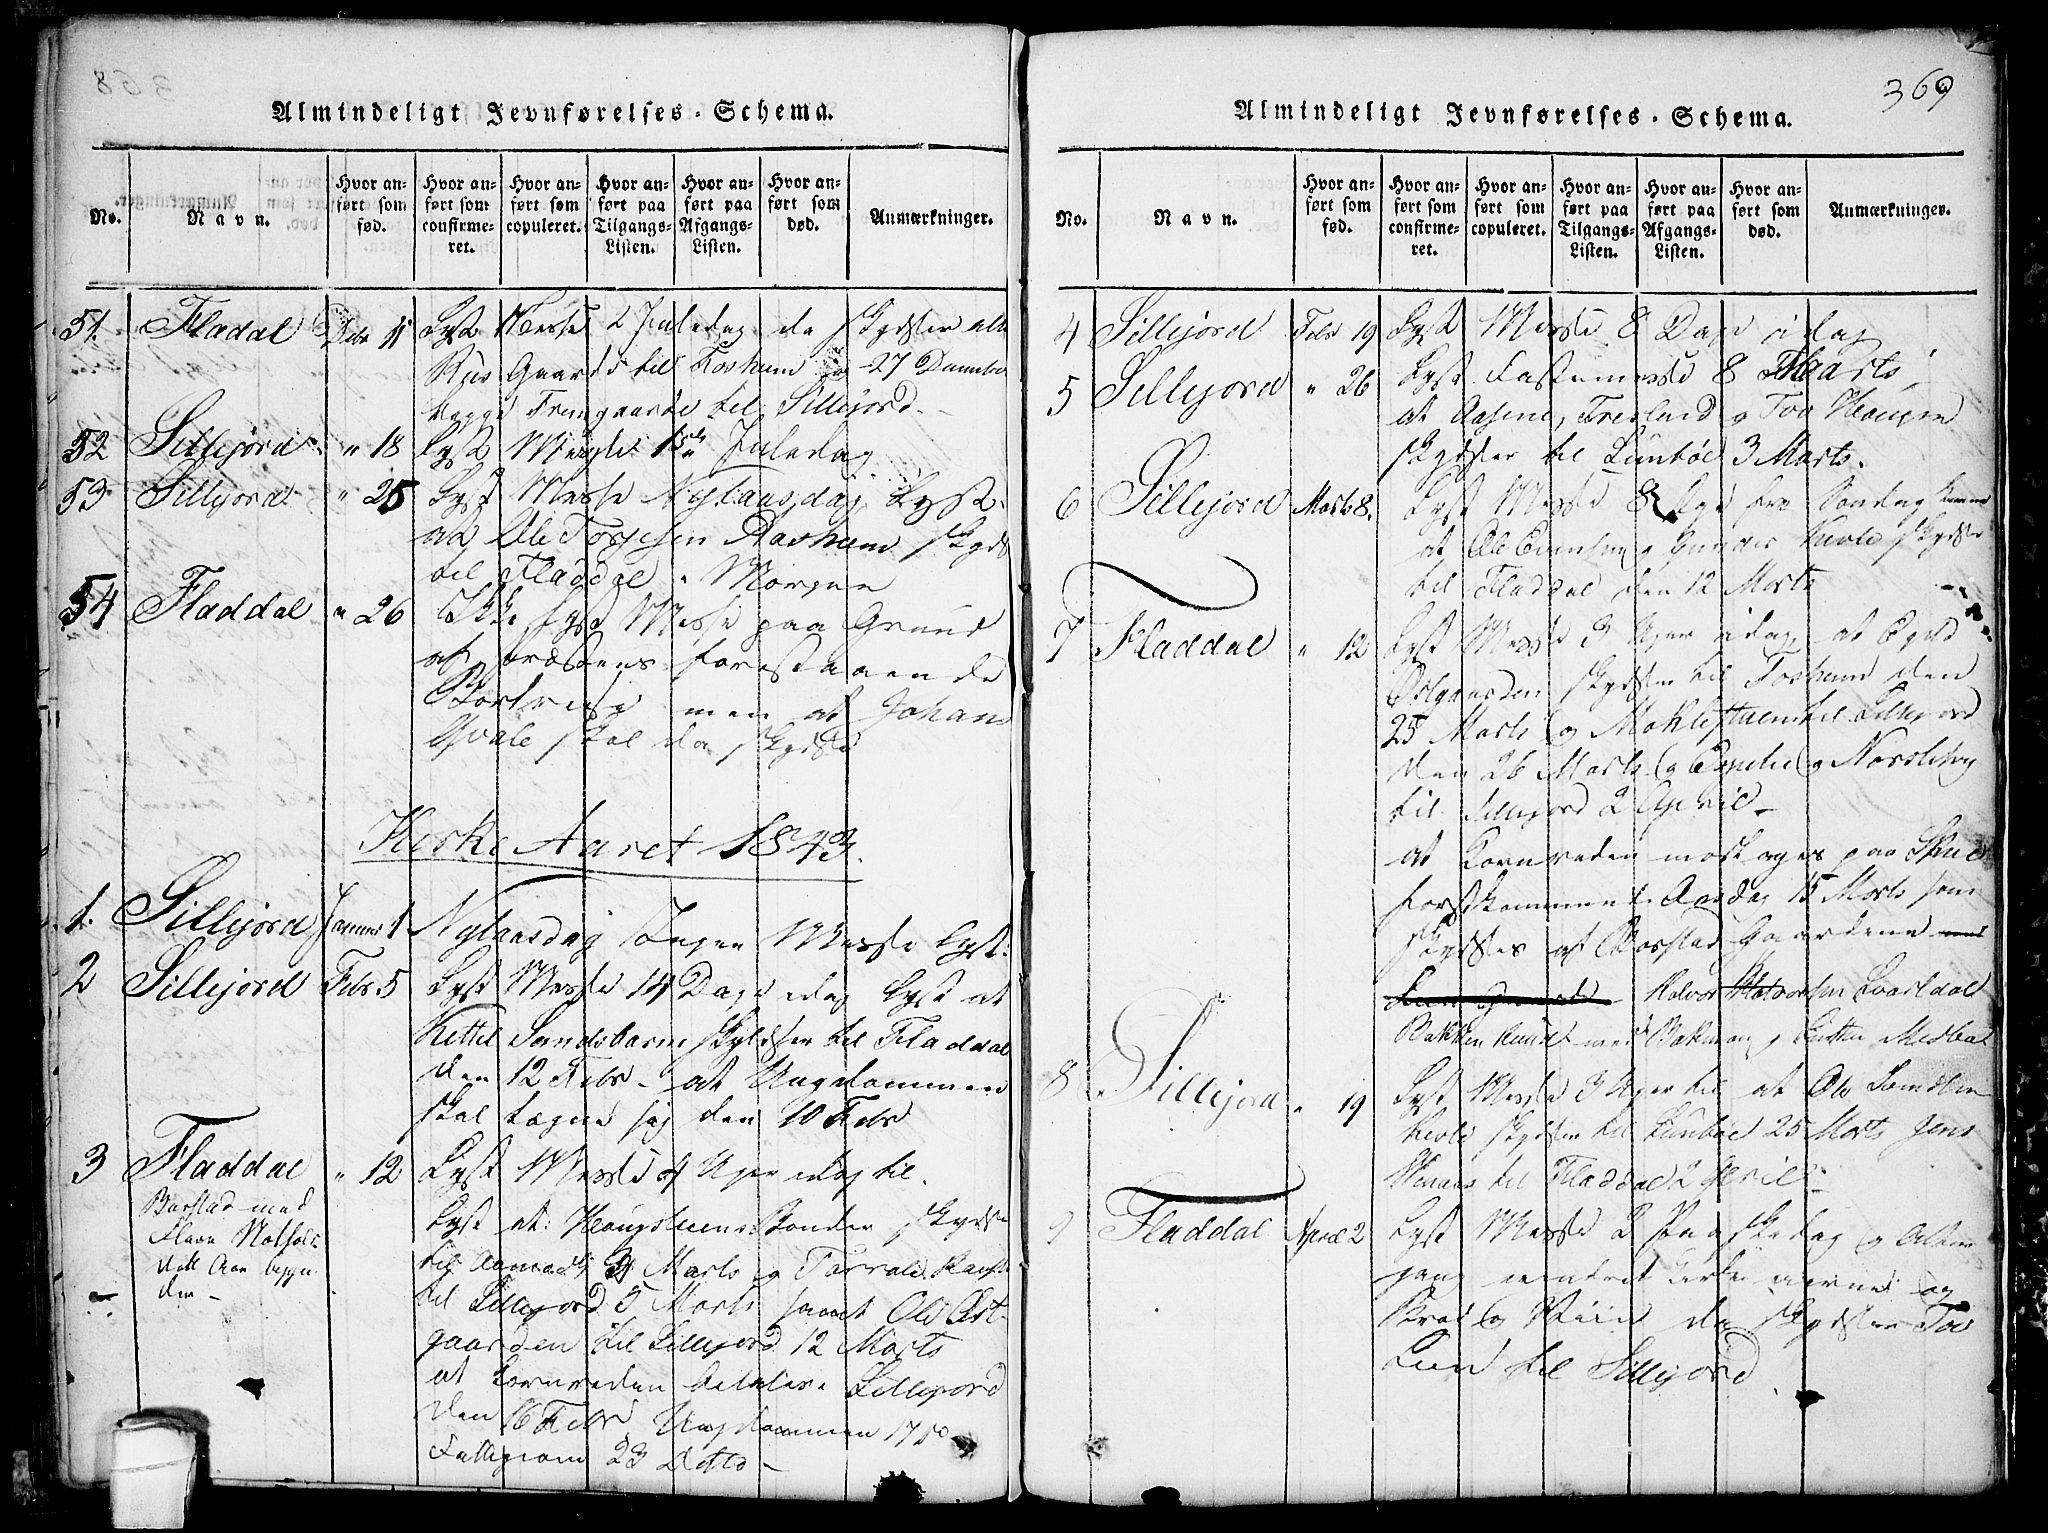 SAKO, Seljord kirkebøker, G/Gb/L0002: Klokkerbok nr. II 2, 1815-1854, s. 369